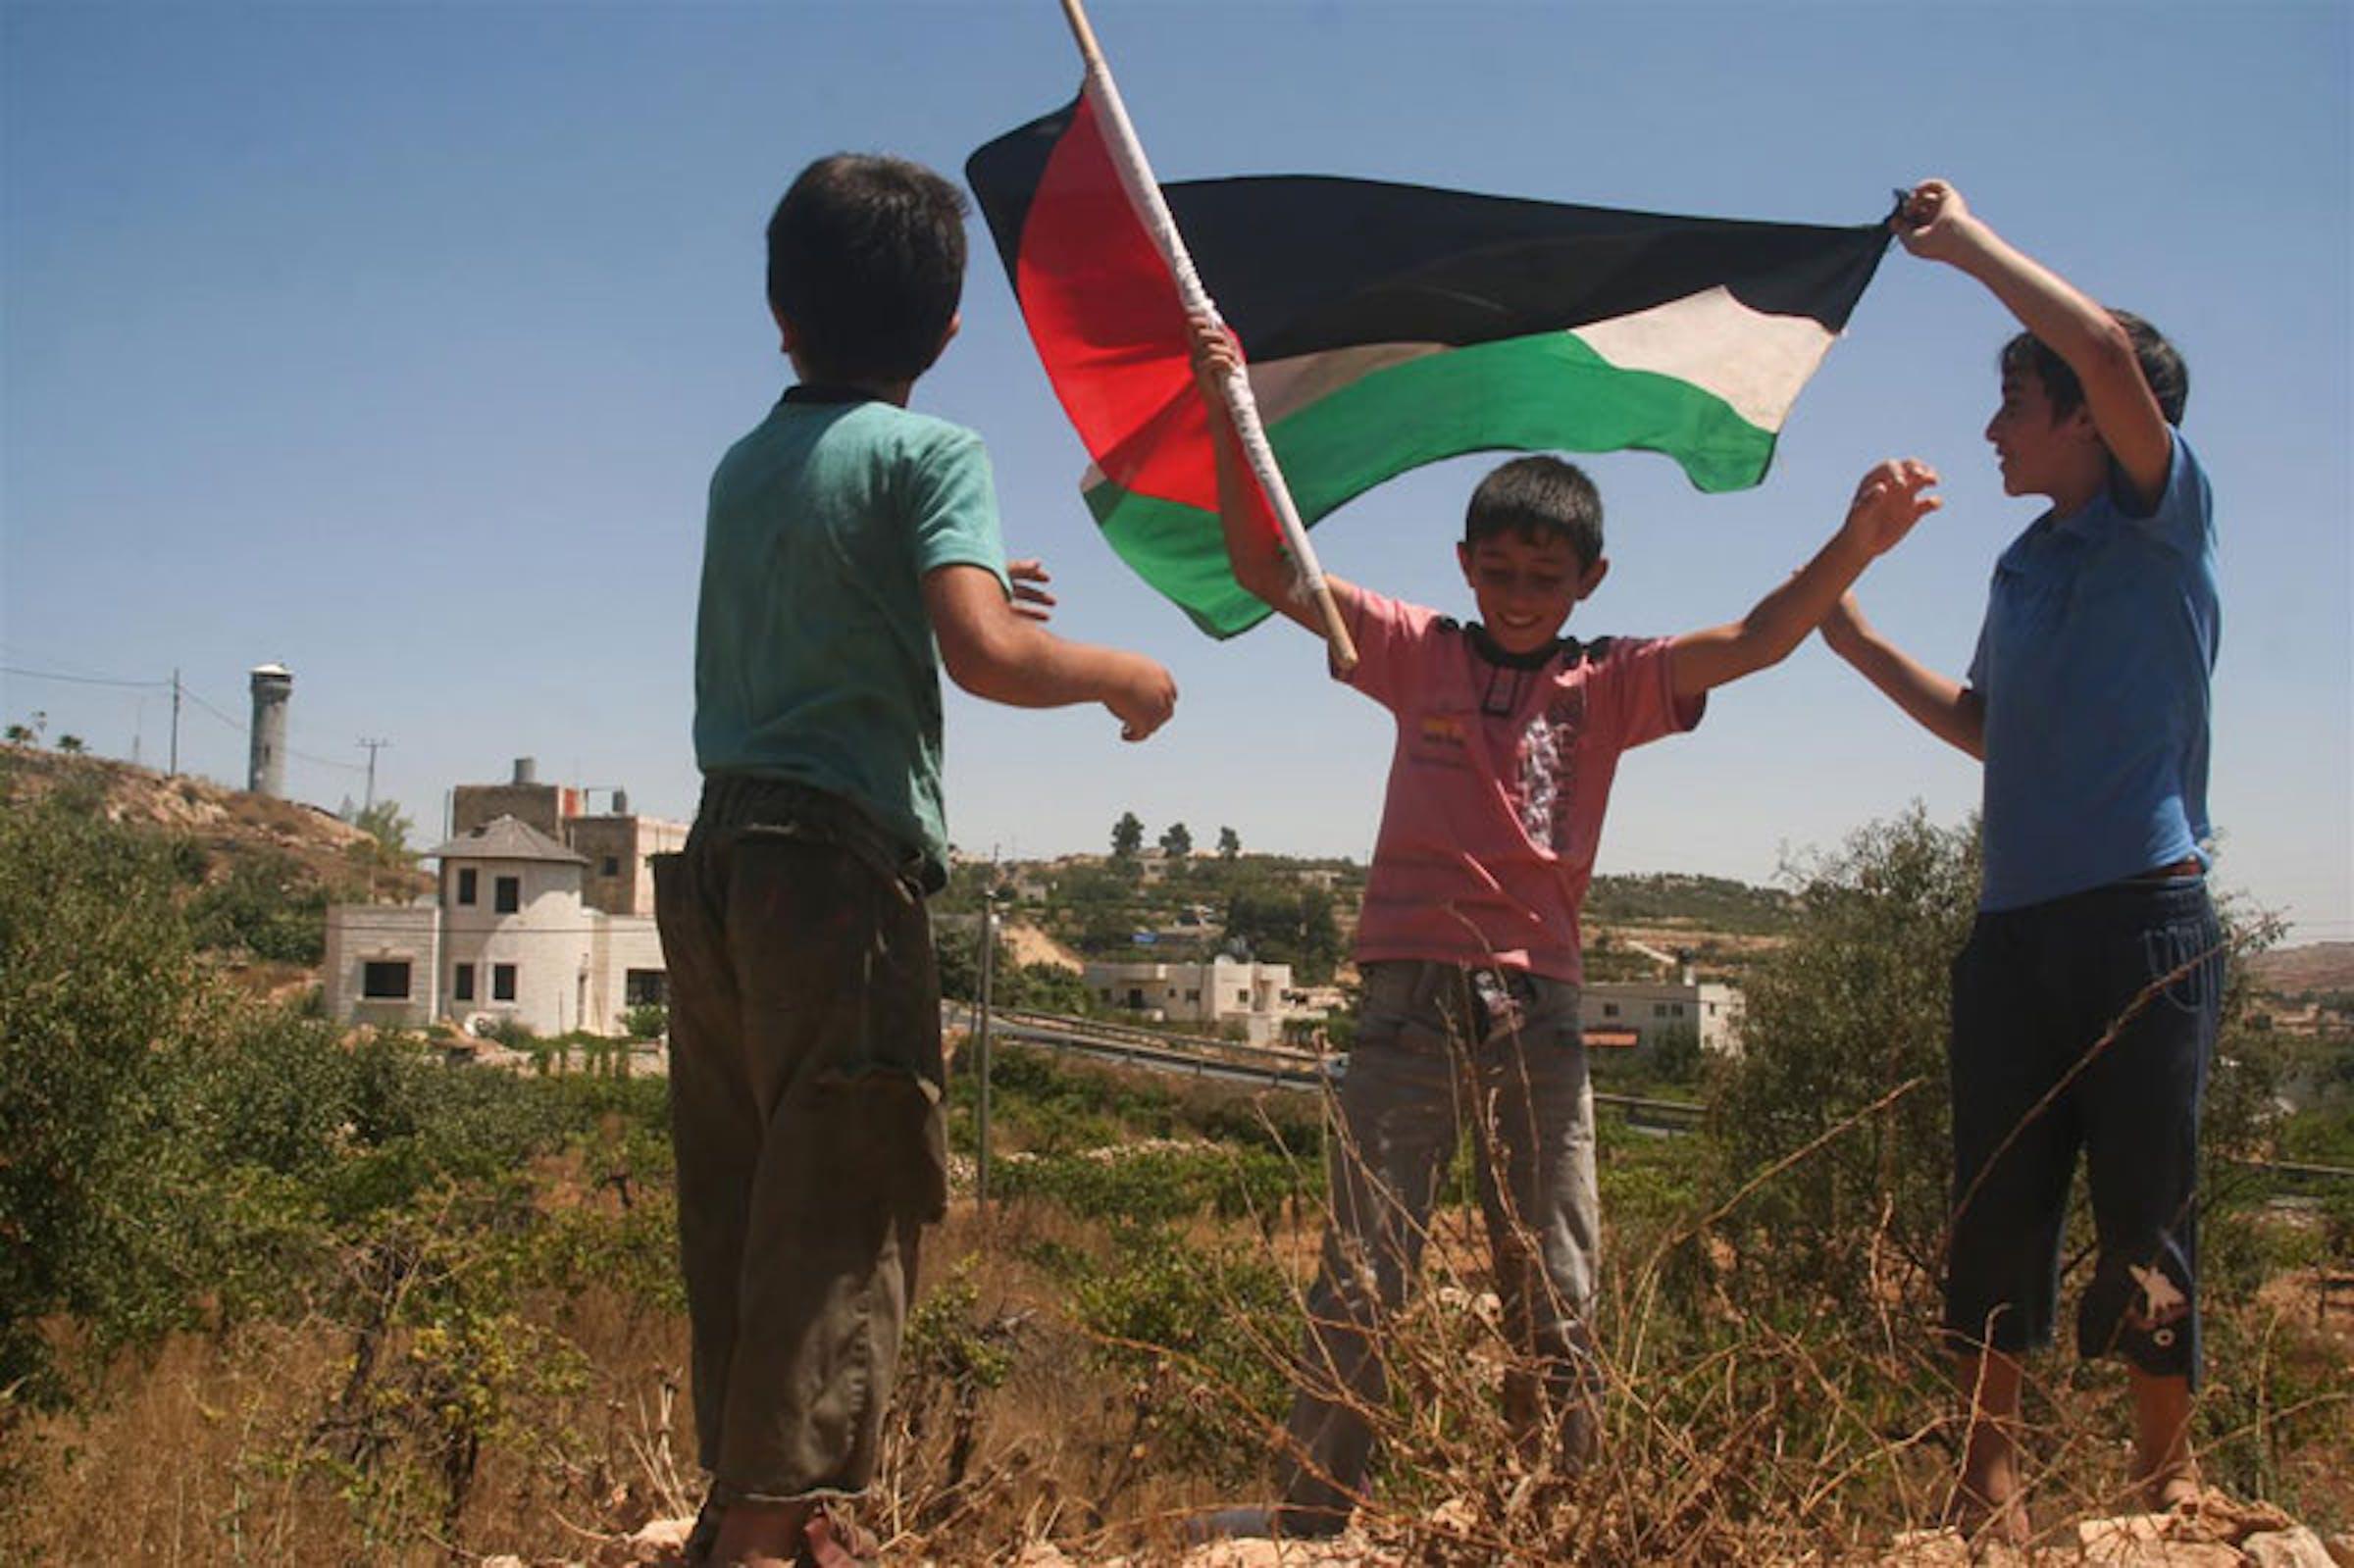 Un bambino palestinese di 10 anni festeggia con i suoi amici dopo essere stato rilasciato dalle autorità israeliane: era stato arrestato per lancio di pietre - ©UNICEF/NYHQ2011-1509/Mouhssine Ennaimi